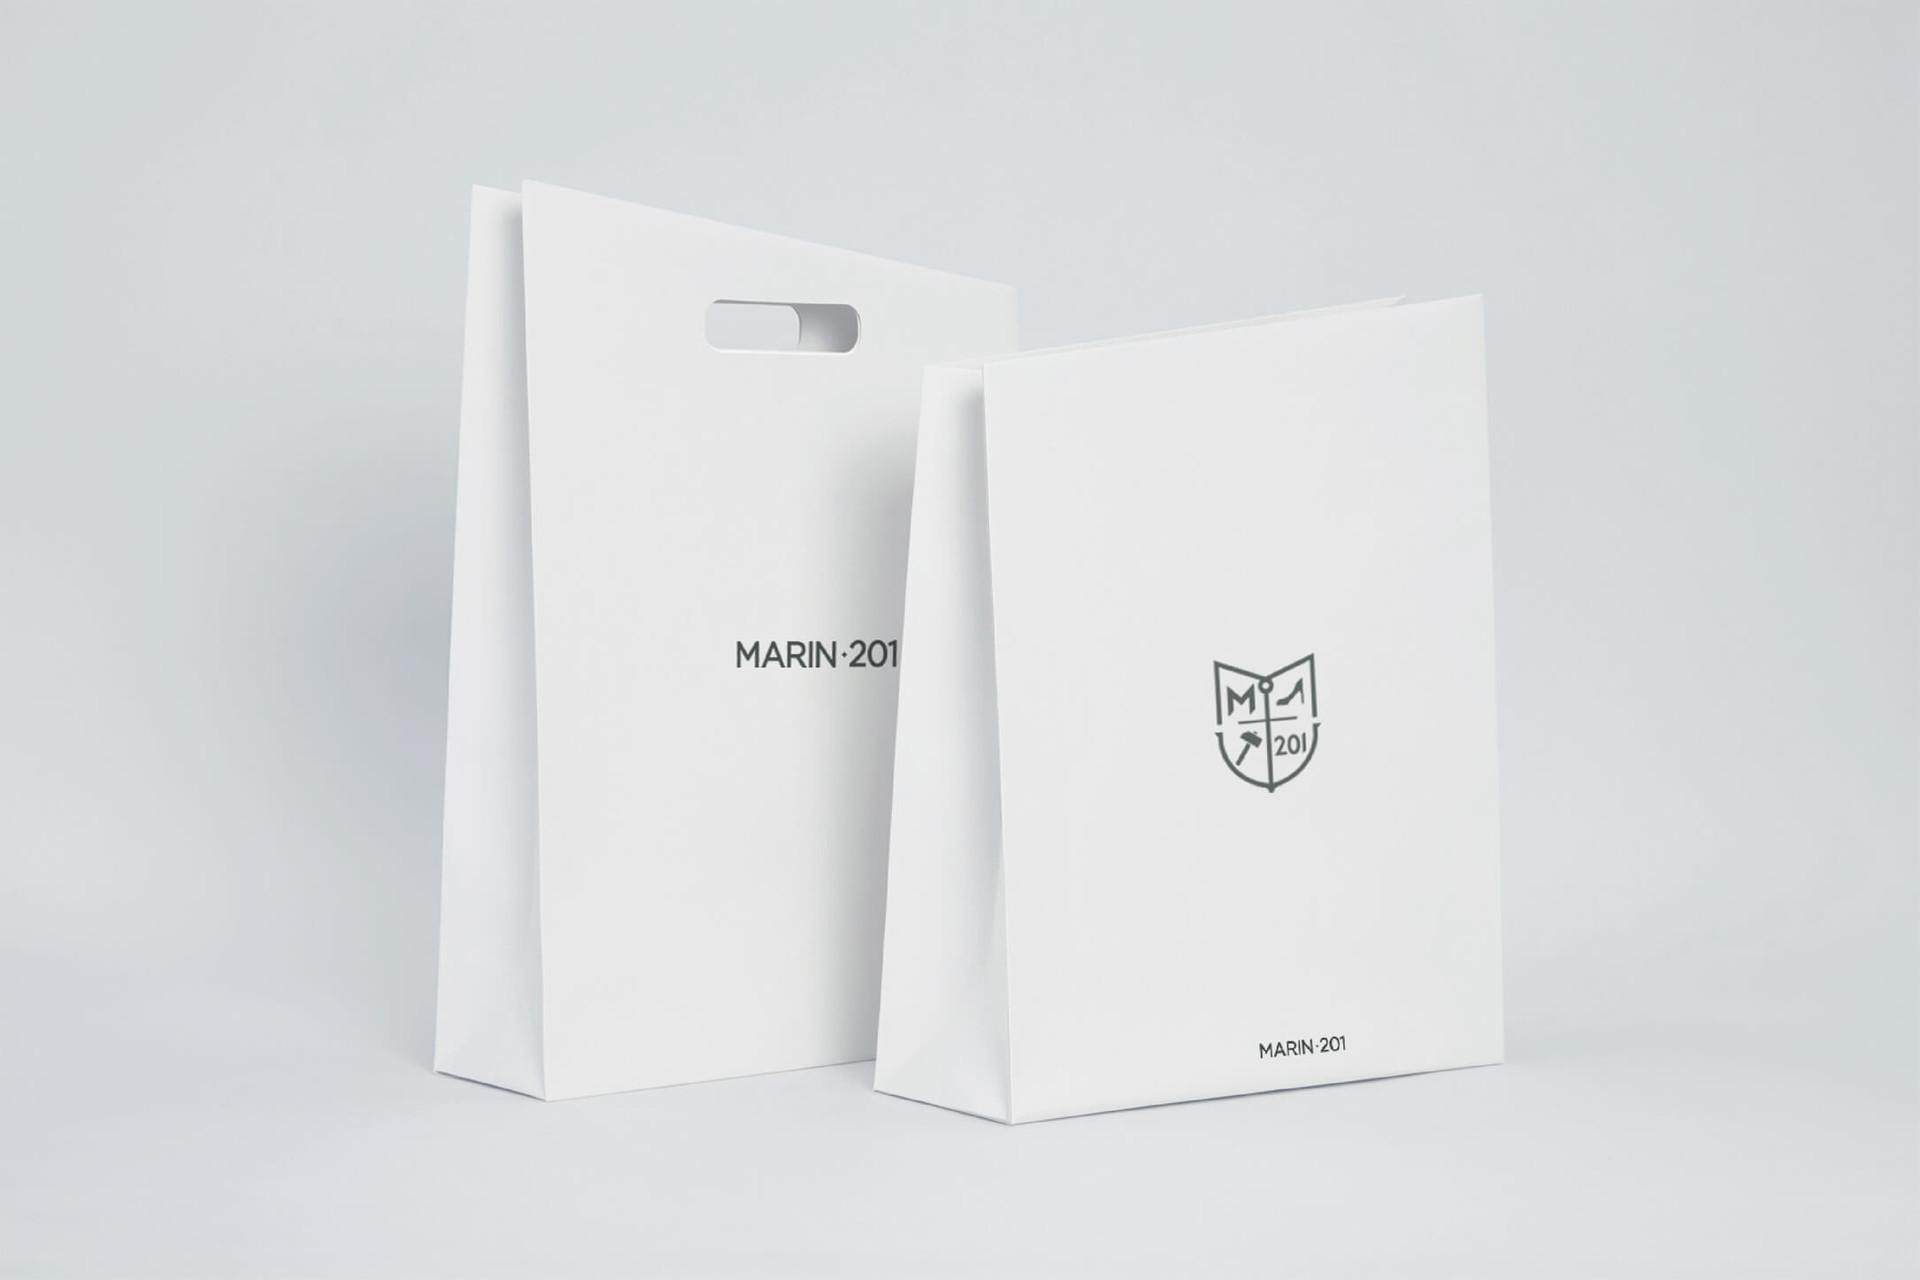 MARIN201